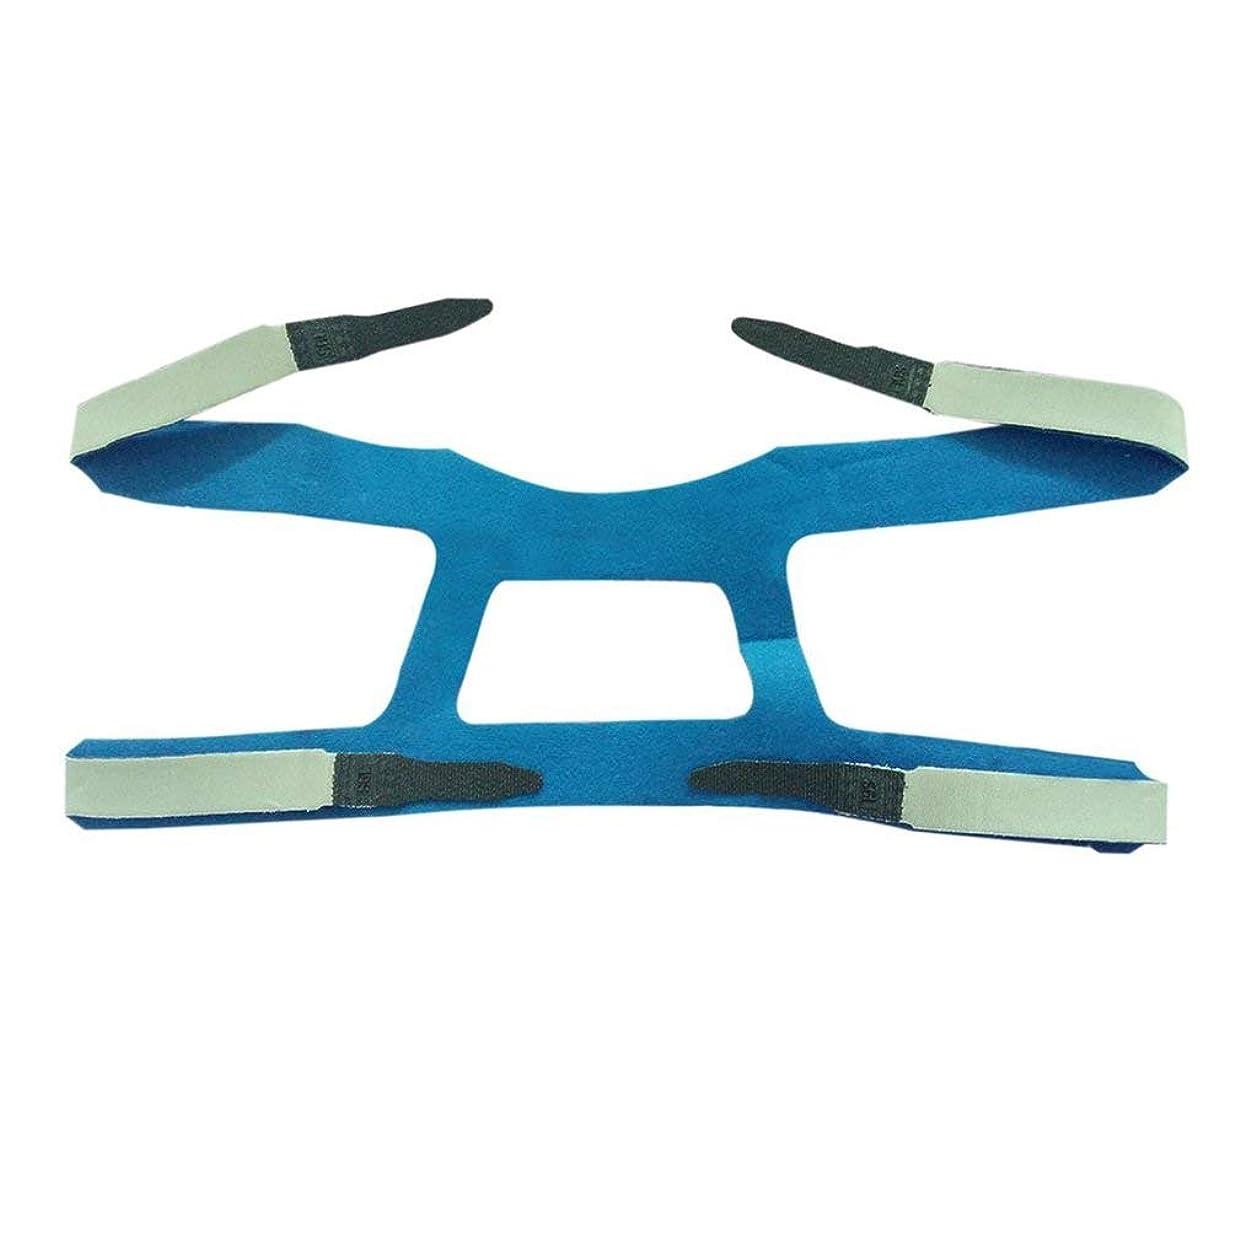 エンディング大陸事前ユニバーサルデザインヘッドギアコンフォートジェルフルマスク安全な環境の交換用CPAPヘッドバンドなしPHILPS - グレー&ブルー